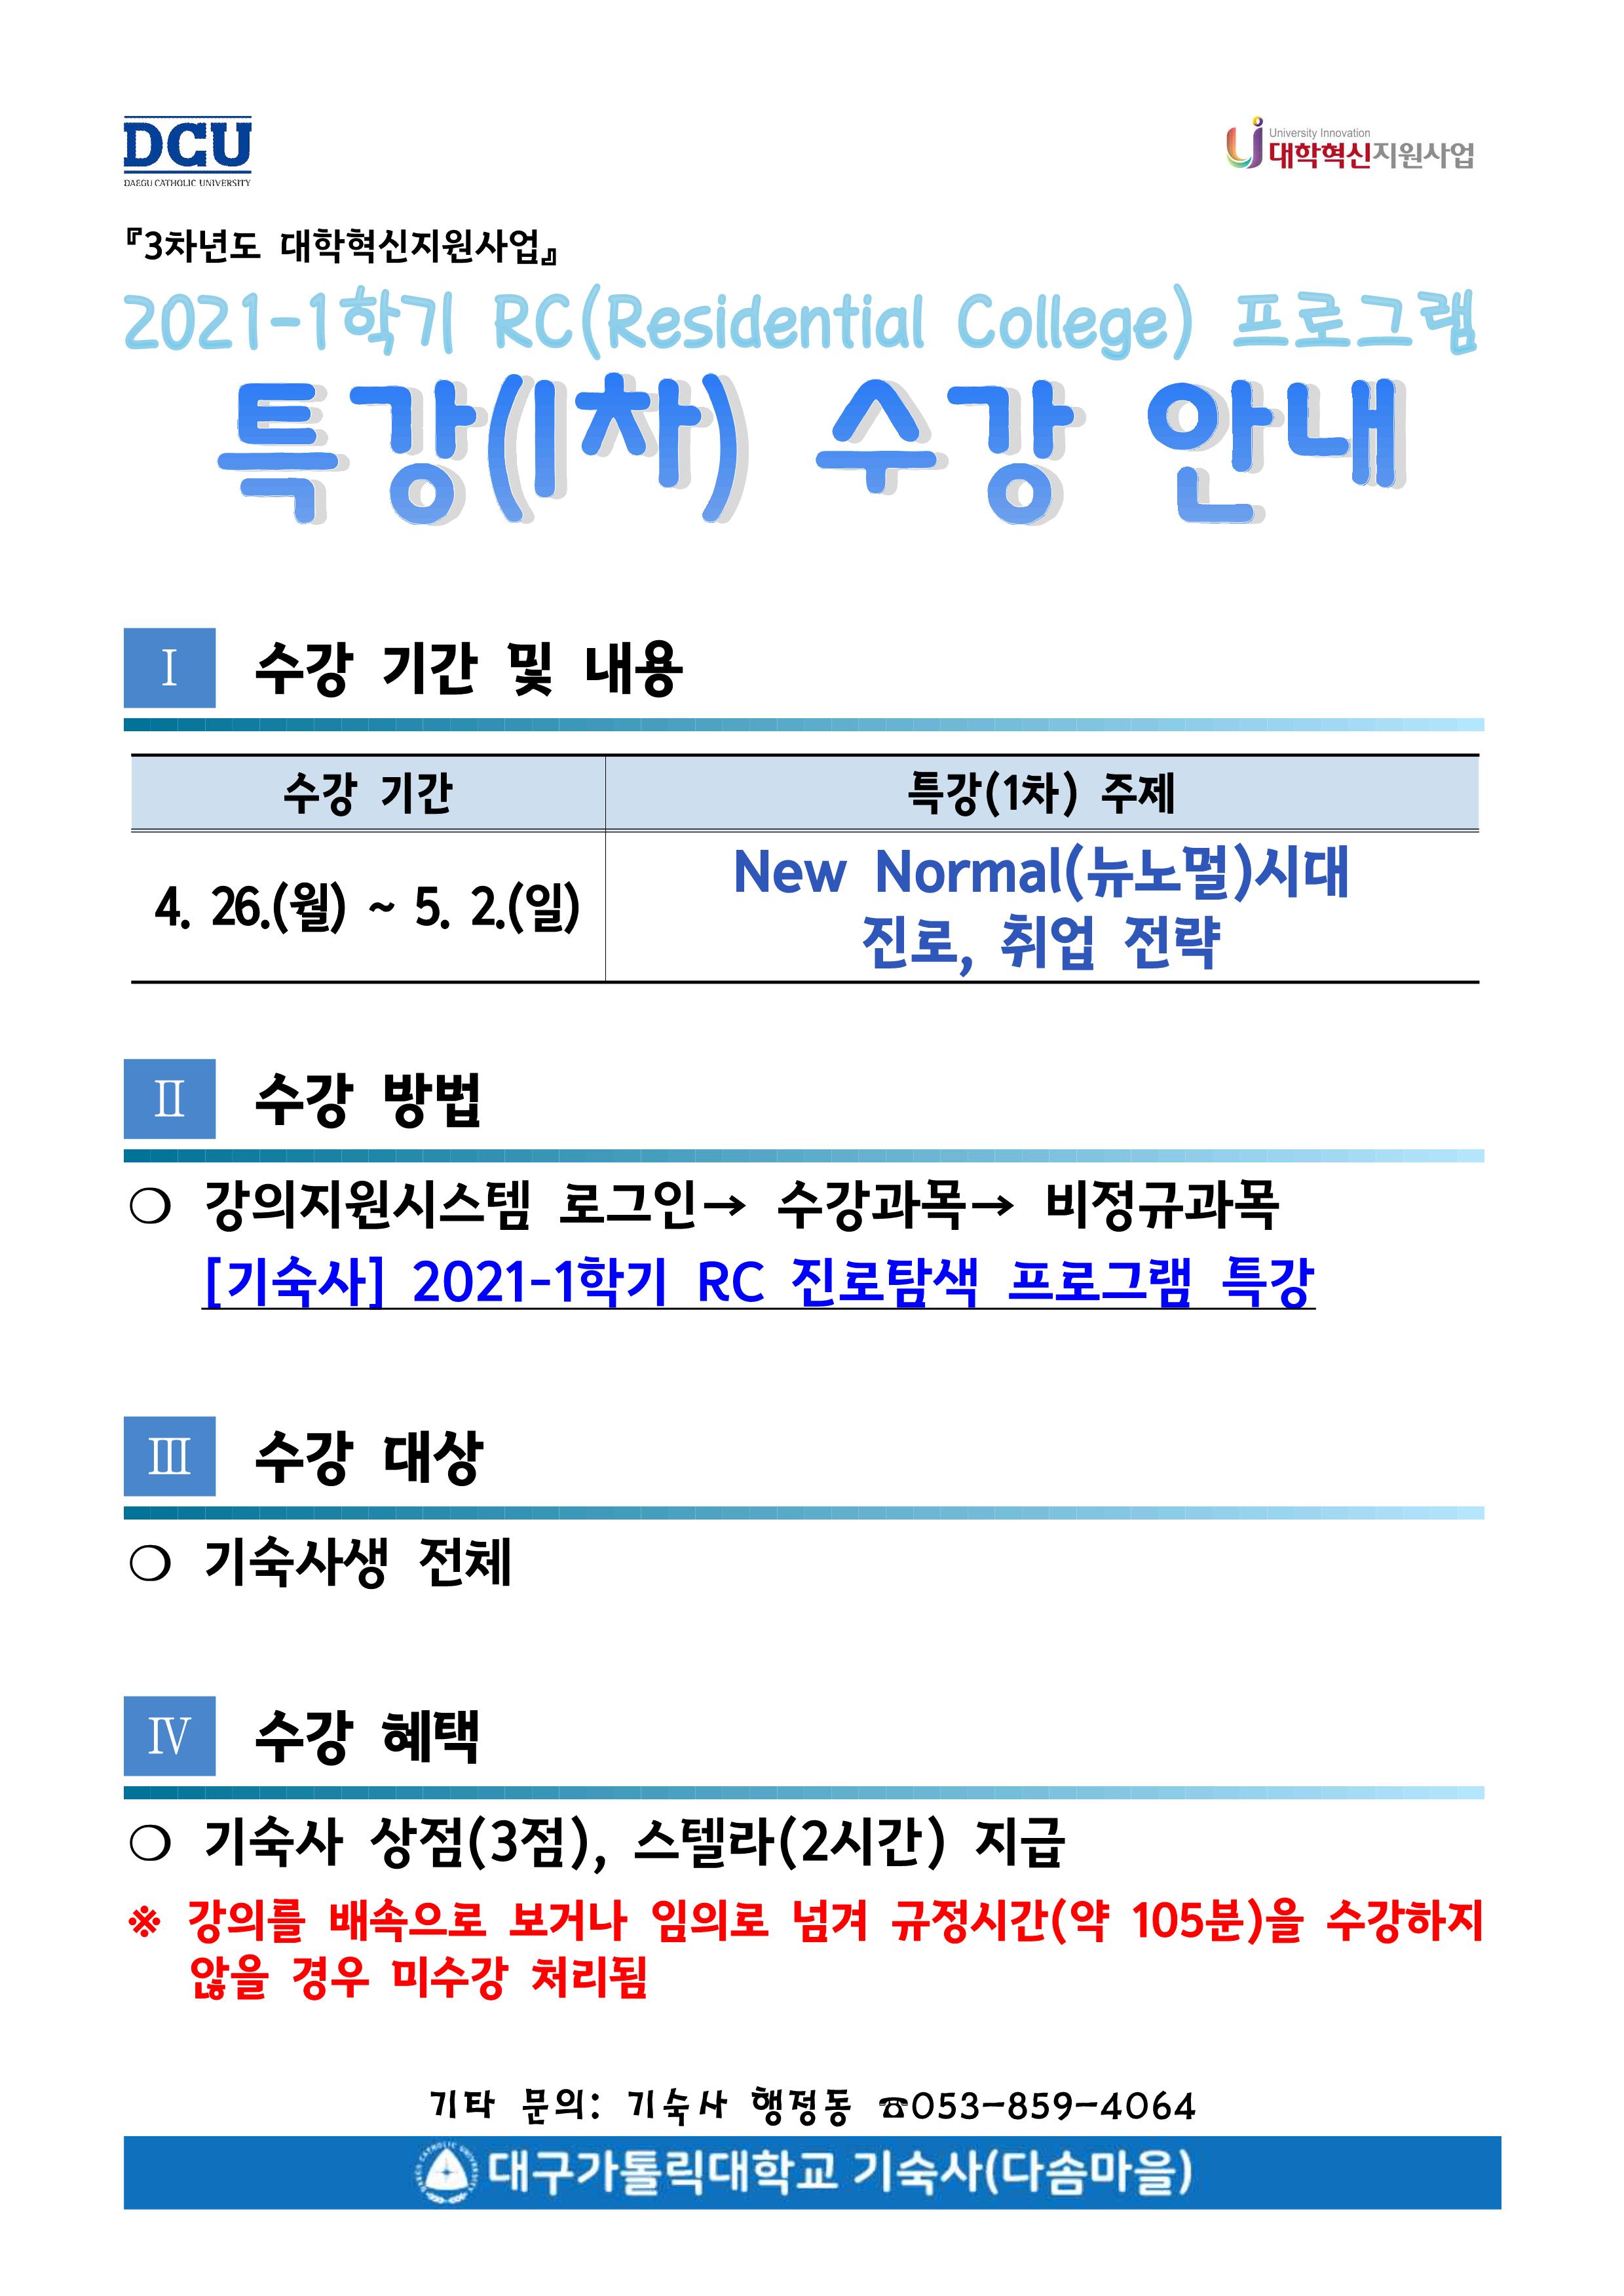 특강(1차) 공지문_1.png